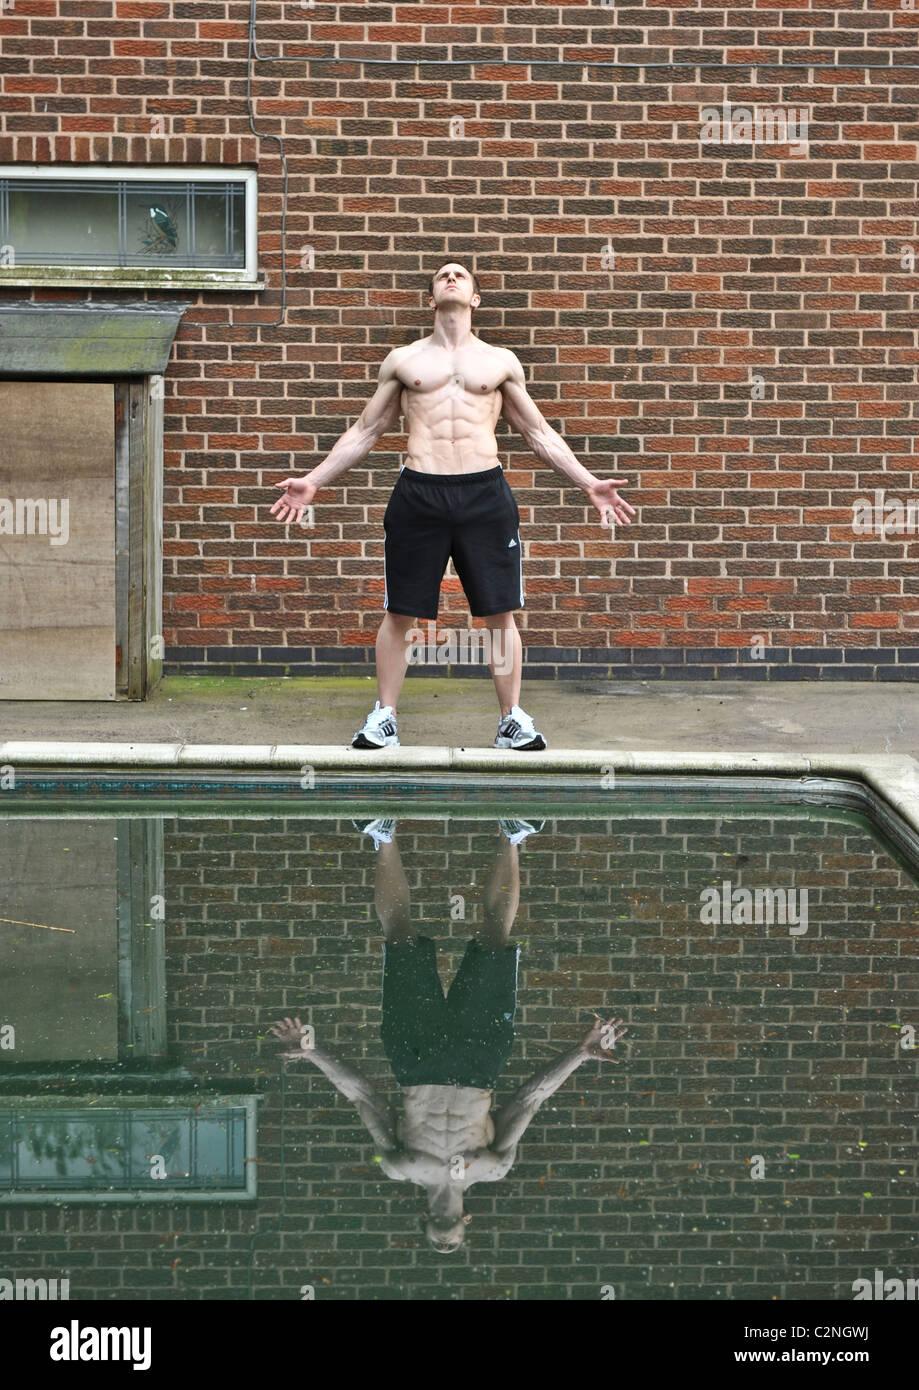 Starke Profi-Sportler Swimming Pool für Bodybuilding Training, Gesundheitskonzept, Vertrauen und Entspannung Stockbild